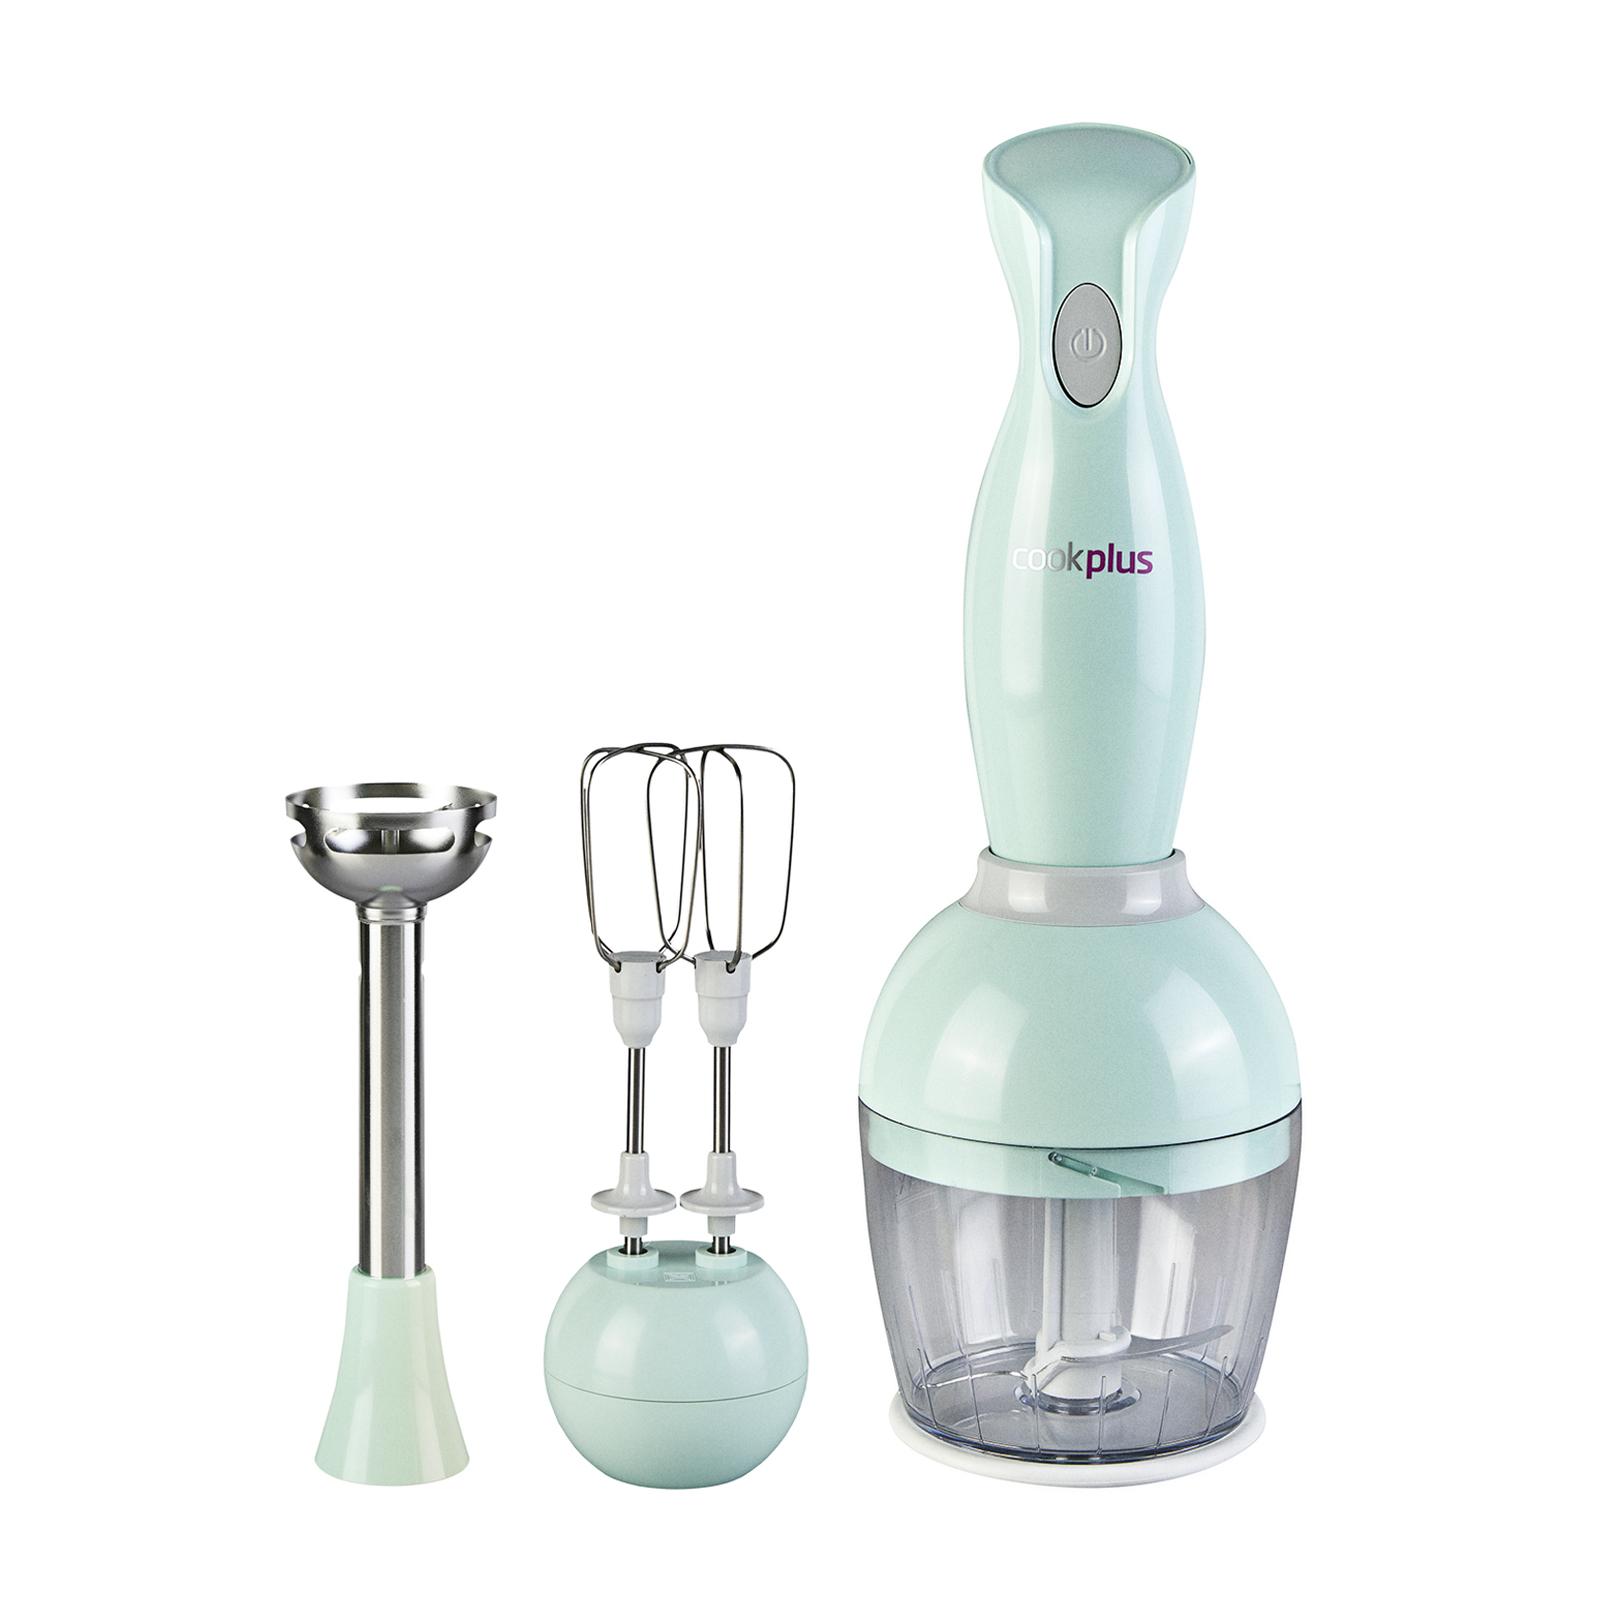 Cookplus by Karaca Midimix Blender Set Mint 5501